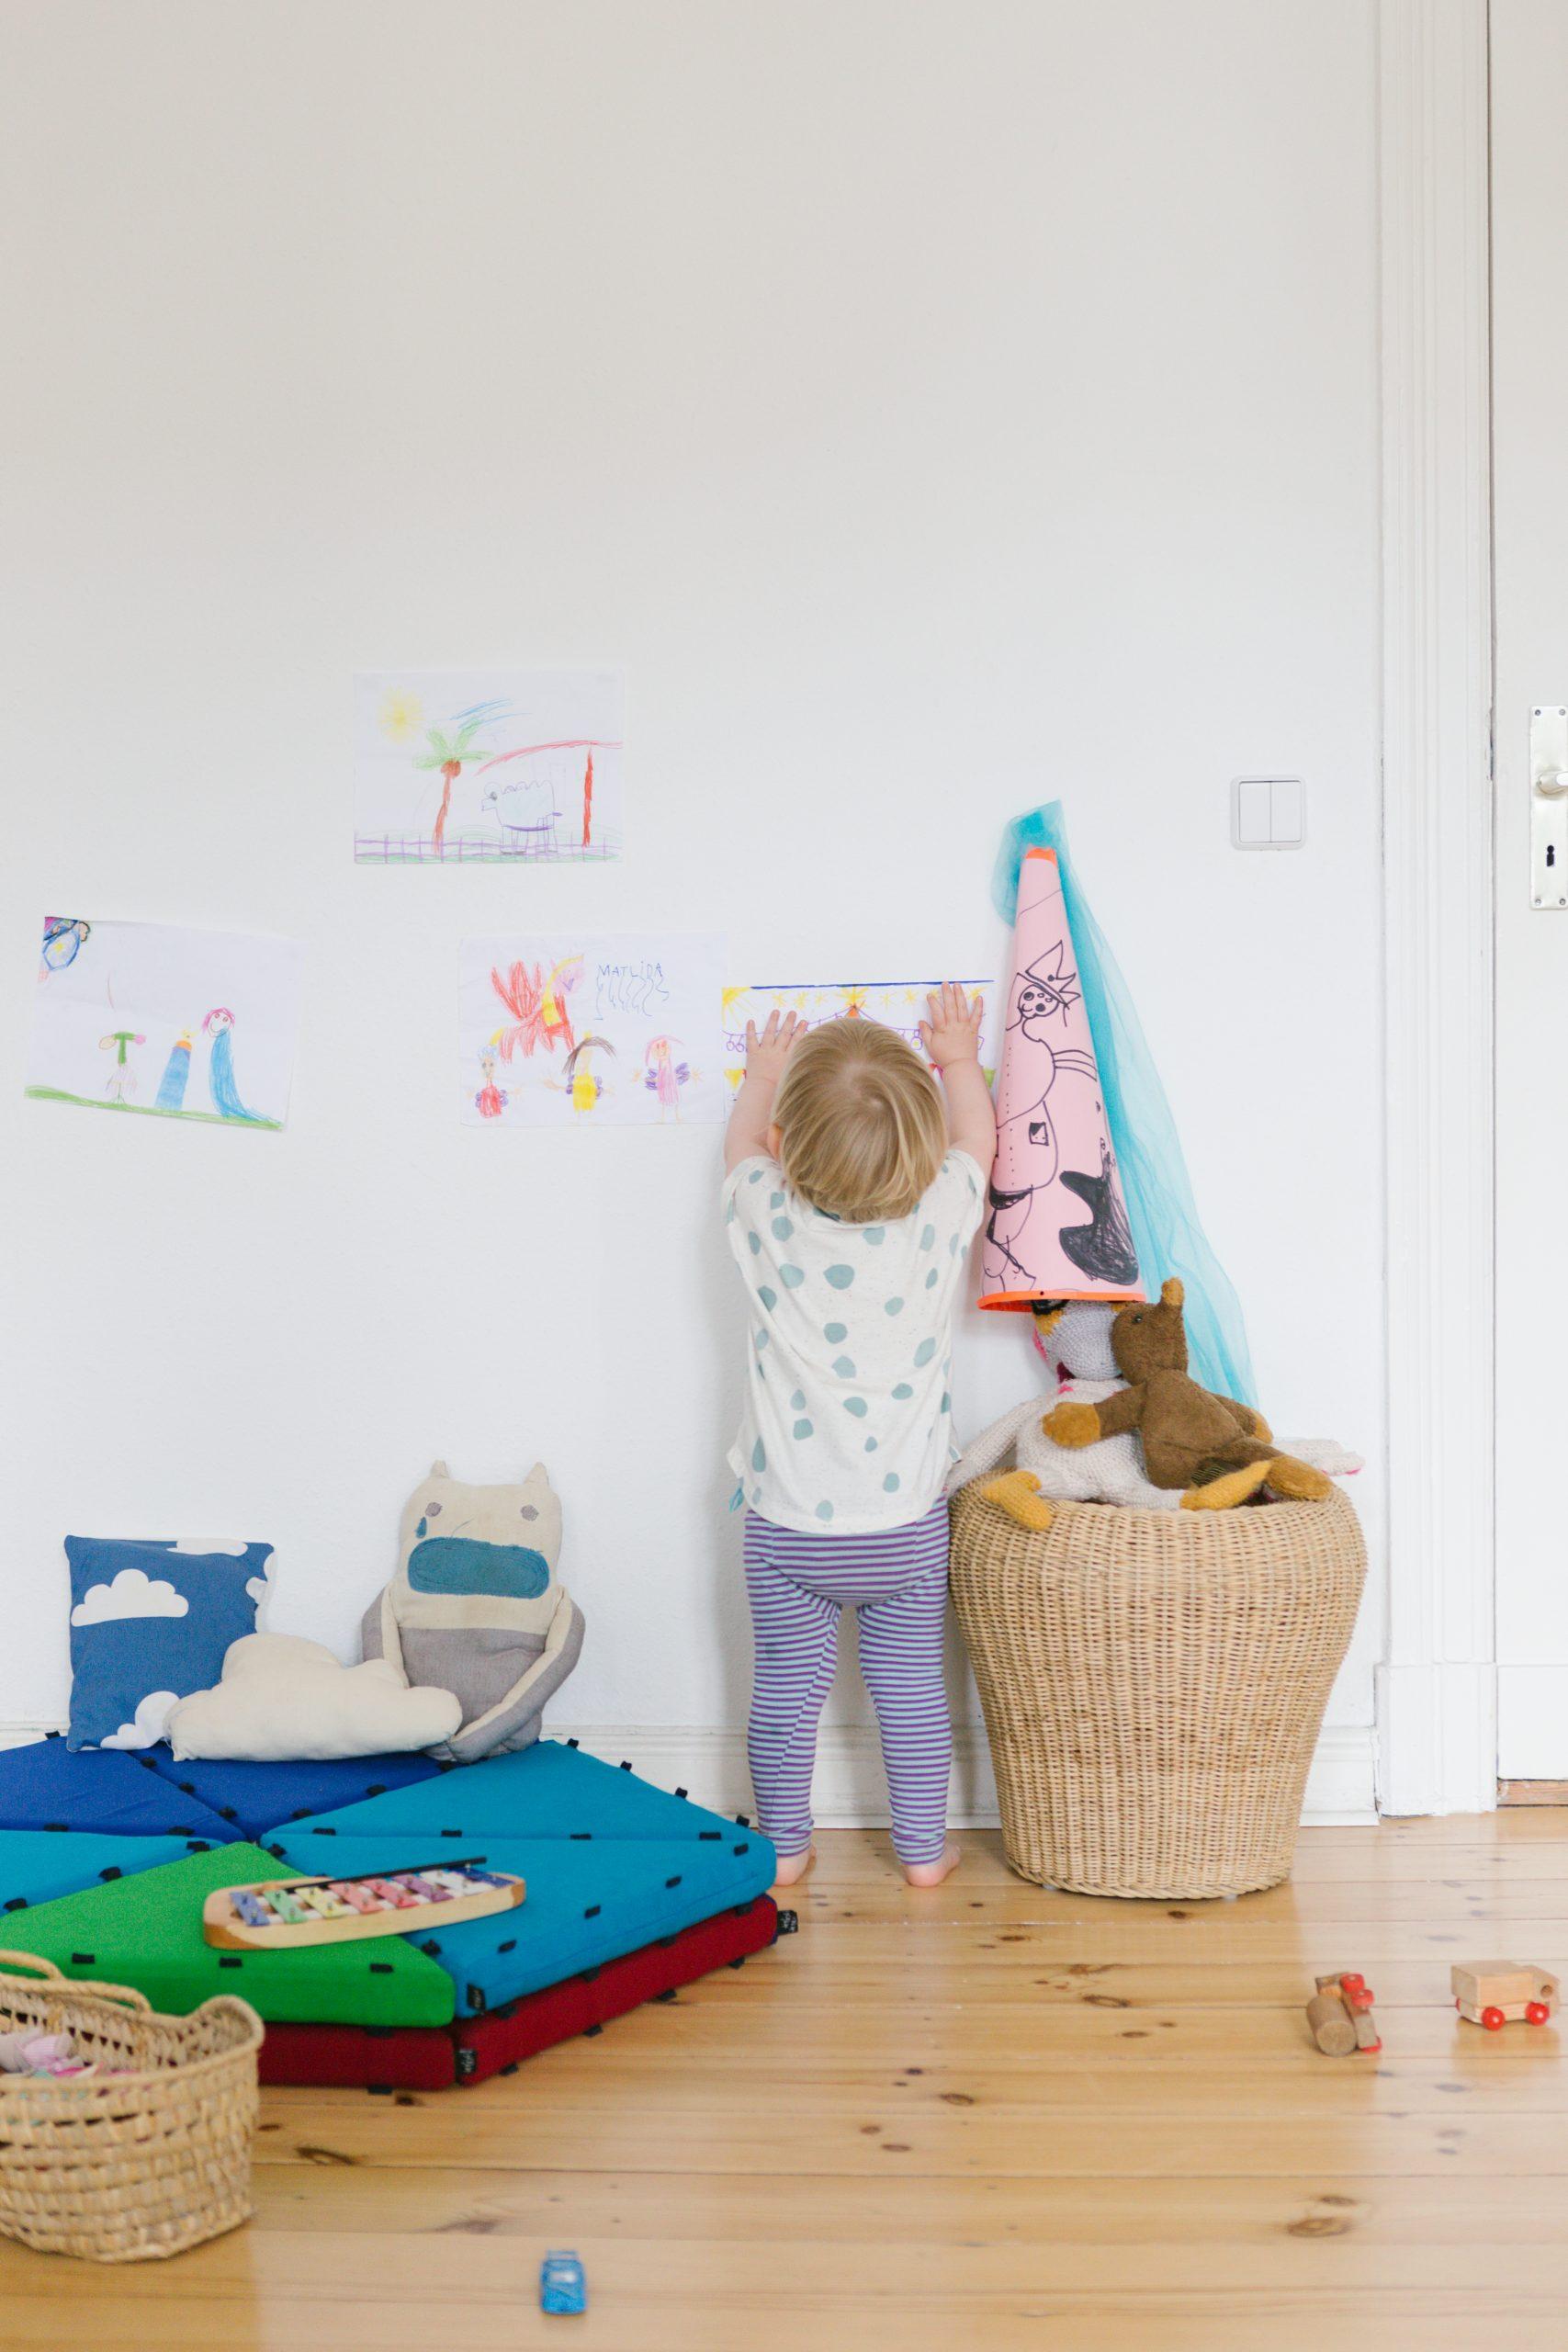 Magnetische Spielmatten von tukluk - unbegrenzte Möglichkeiten im Kinderzimmer.